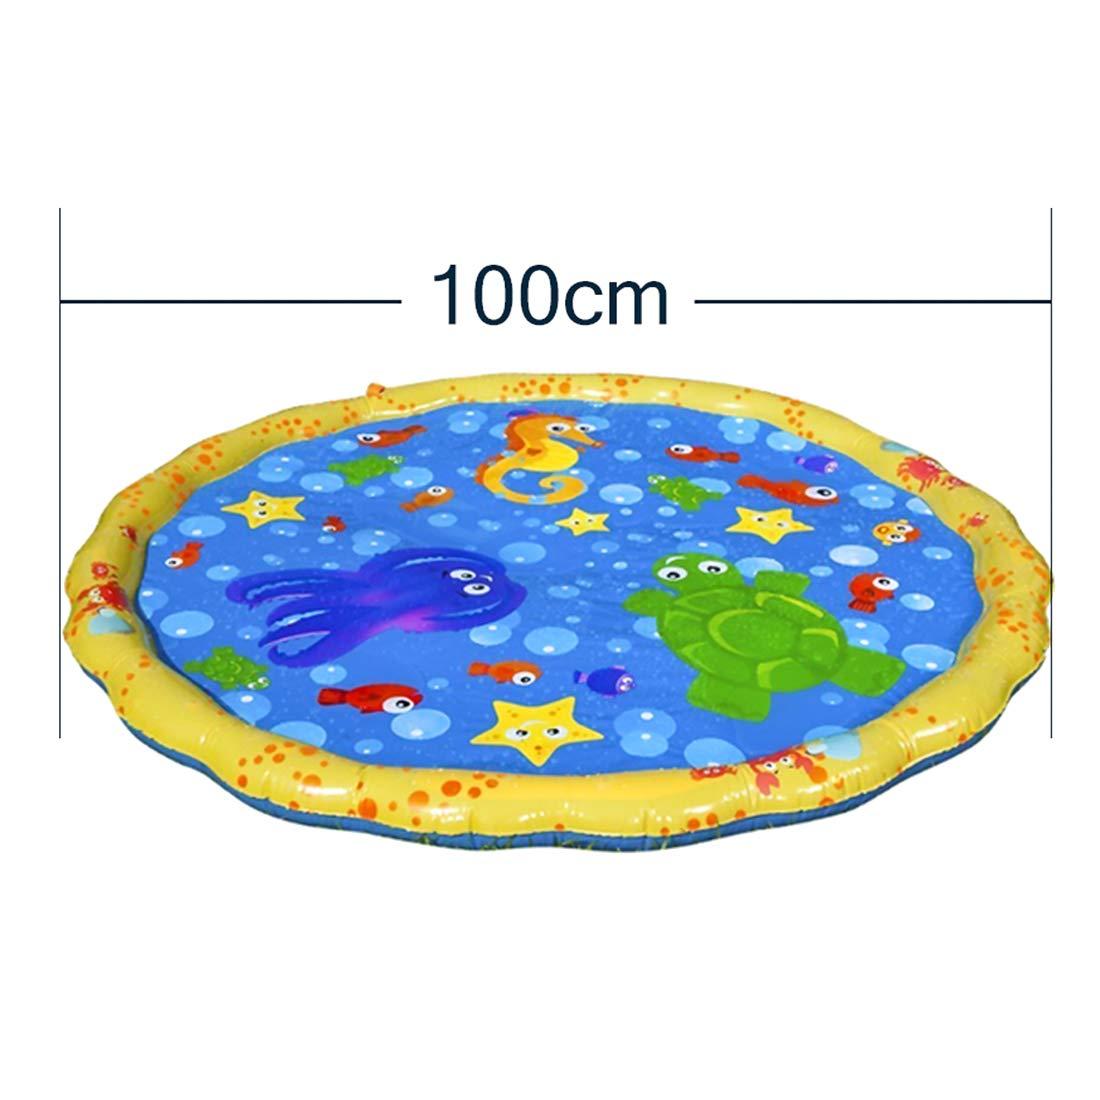 100 x 100 cm MAJOZ Baby Wasser Spielmatte Aufblasbare Tastmatte Spielzeug und Sensory Baby Ball Wasser Splash Play Matte,Sommer Garten Wasserspielzeug